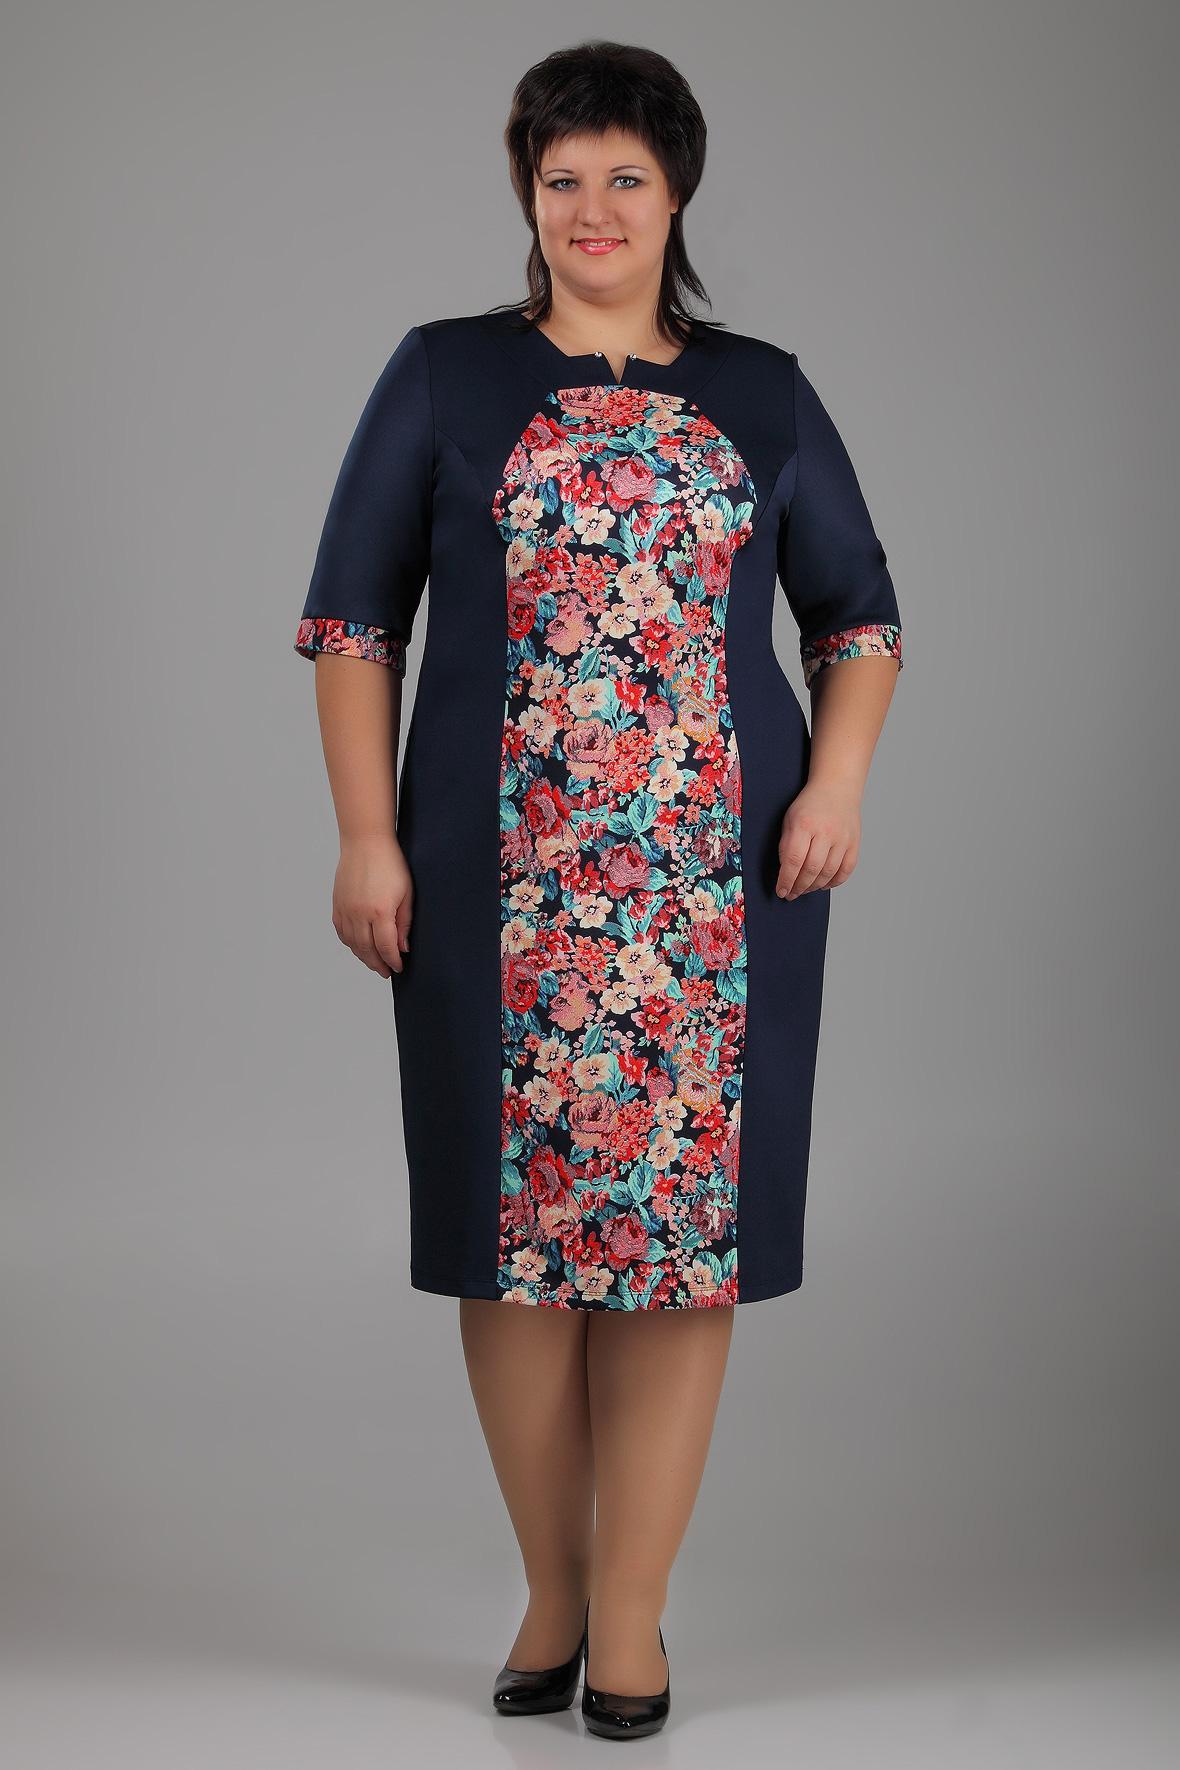 Женская Одежда Больших Размеров Алмонд С Доставкой